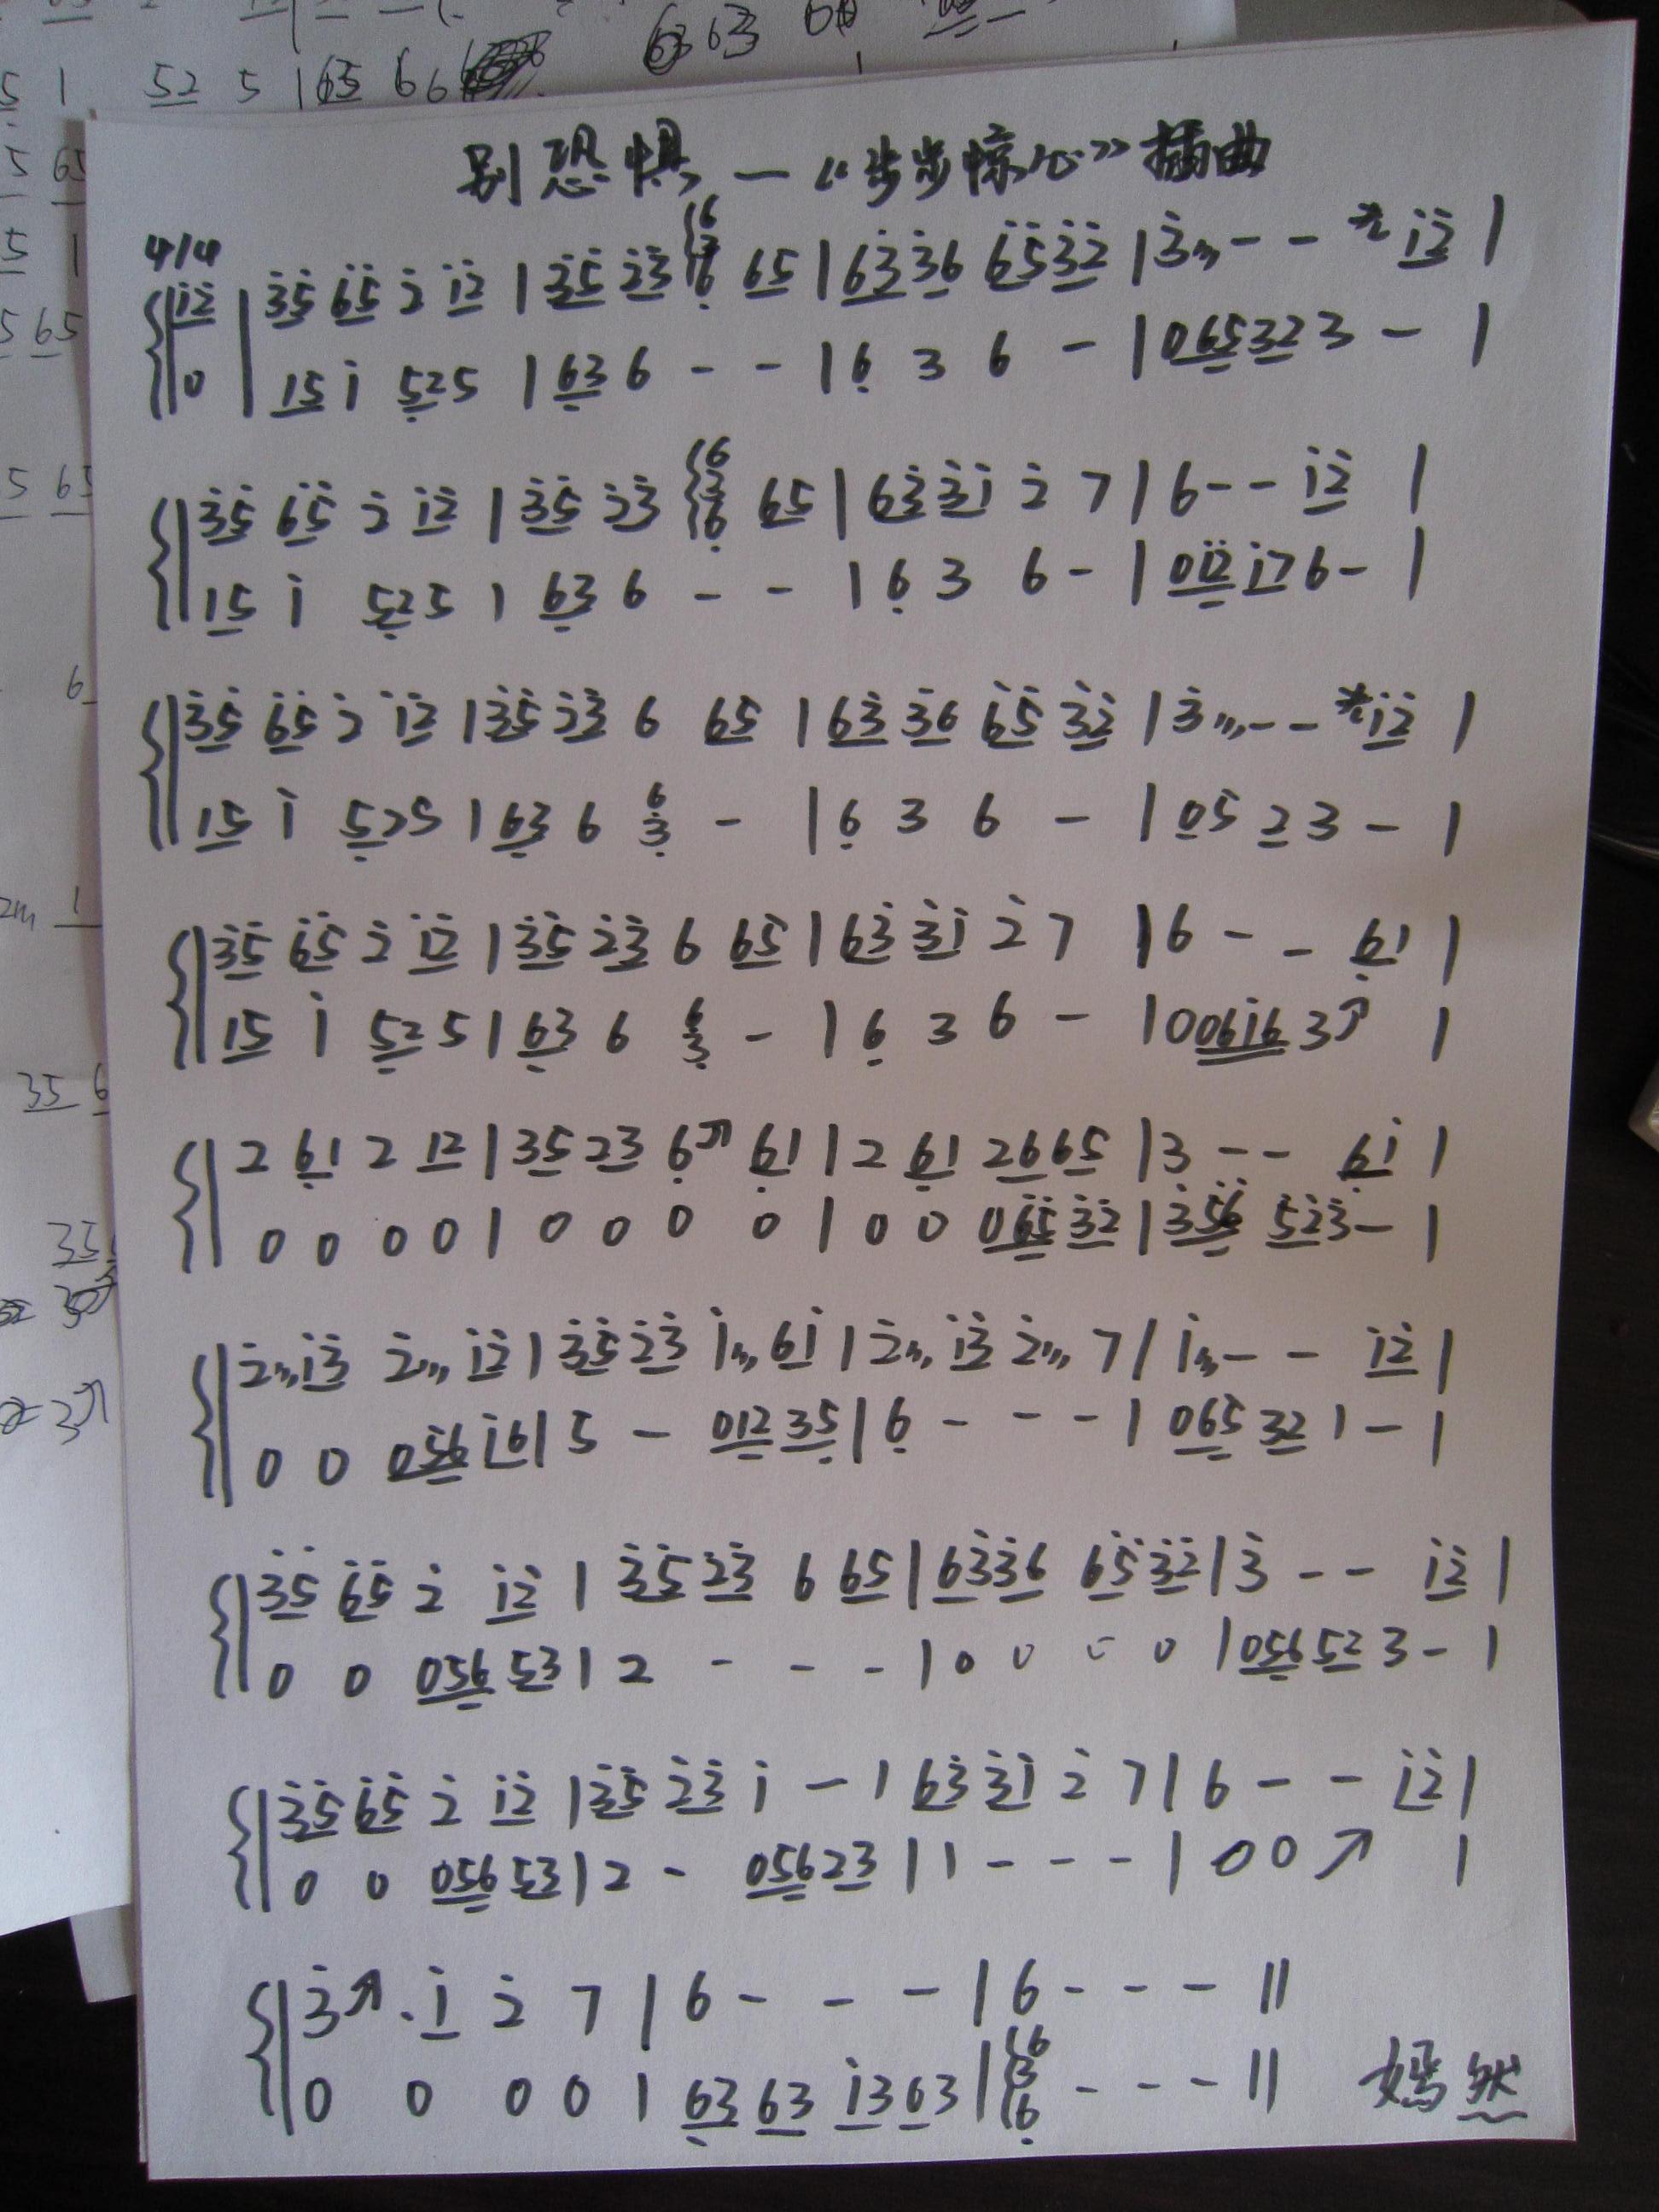 插曲)(陶笛谱)(800x1288,226k)   答:《一念执着》胡歌 阿兰的高清图片